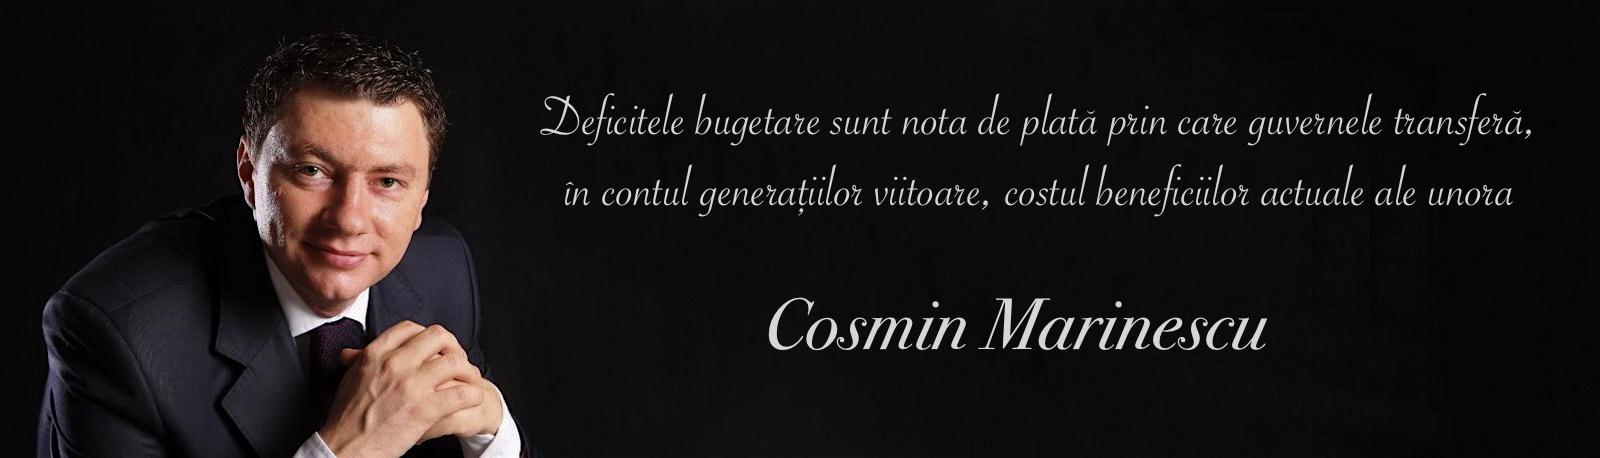 http://cosmin-marinescu.ro/wp-content/uploads/2016/12/Slide-4.jpg